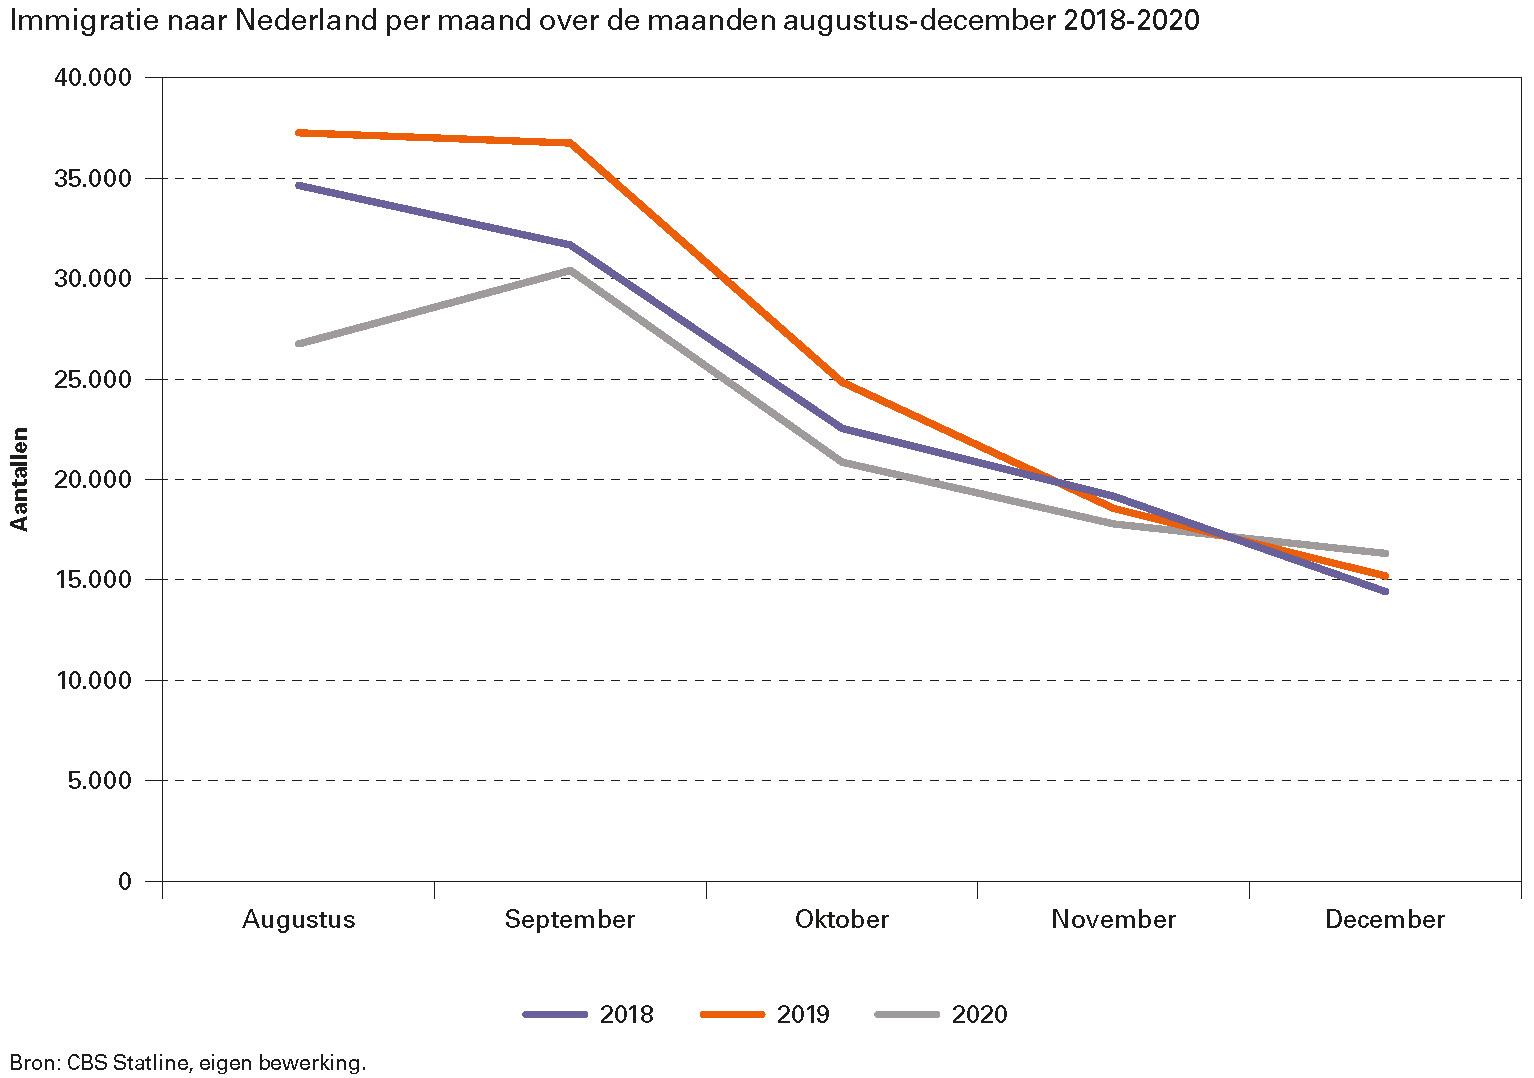 Immigratie naar Nederland per maand over de maanden augustus-december 2018-2020